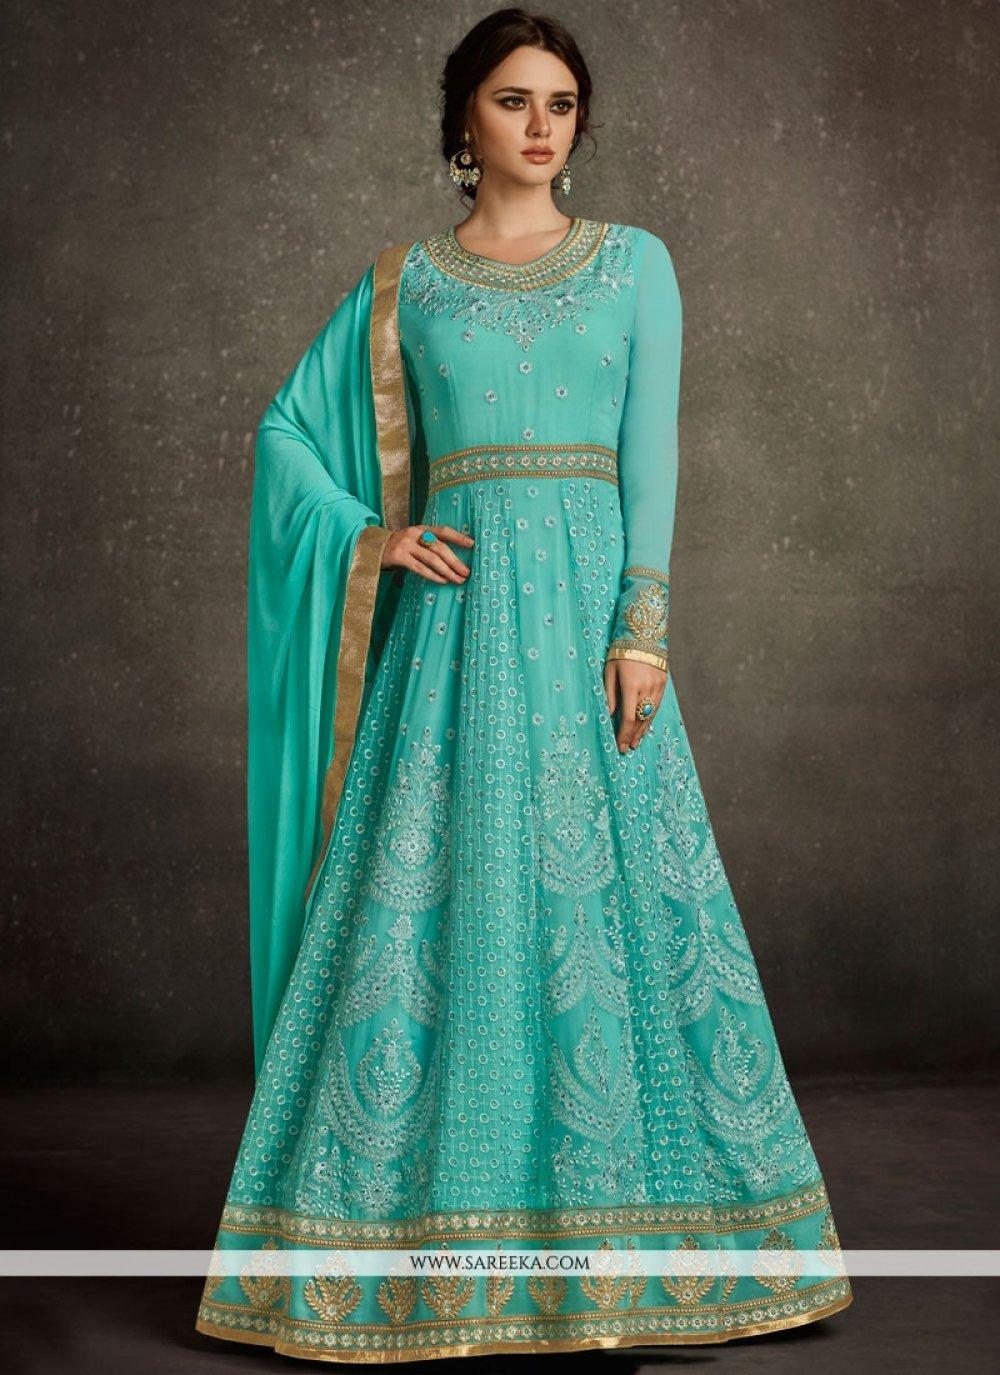 Embroidered Work Blue Floor Length Anarkali Suit